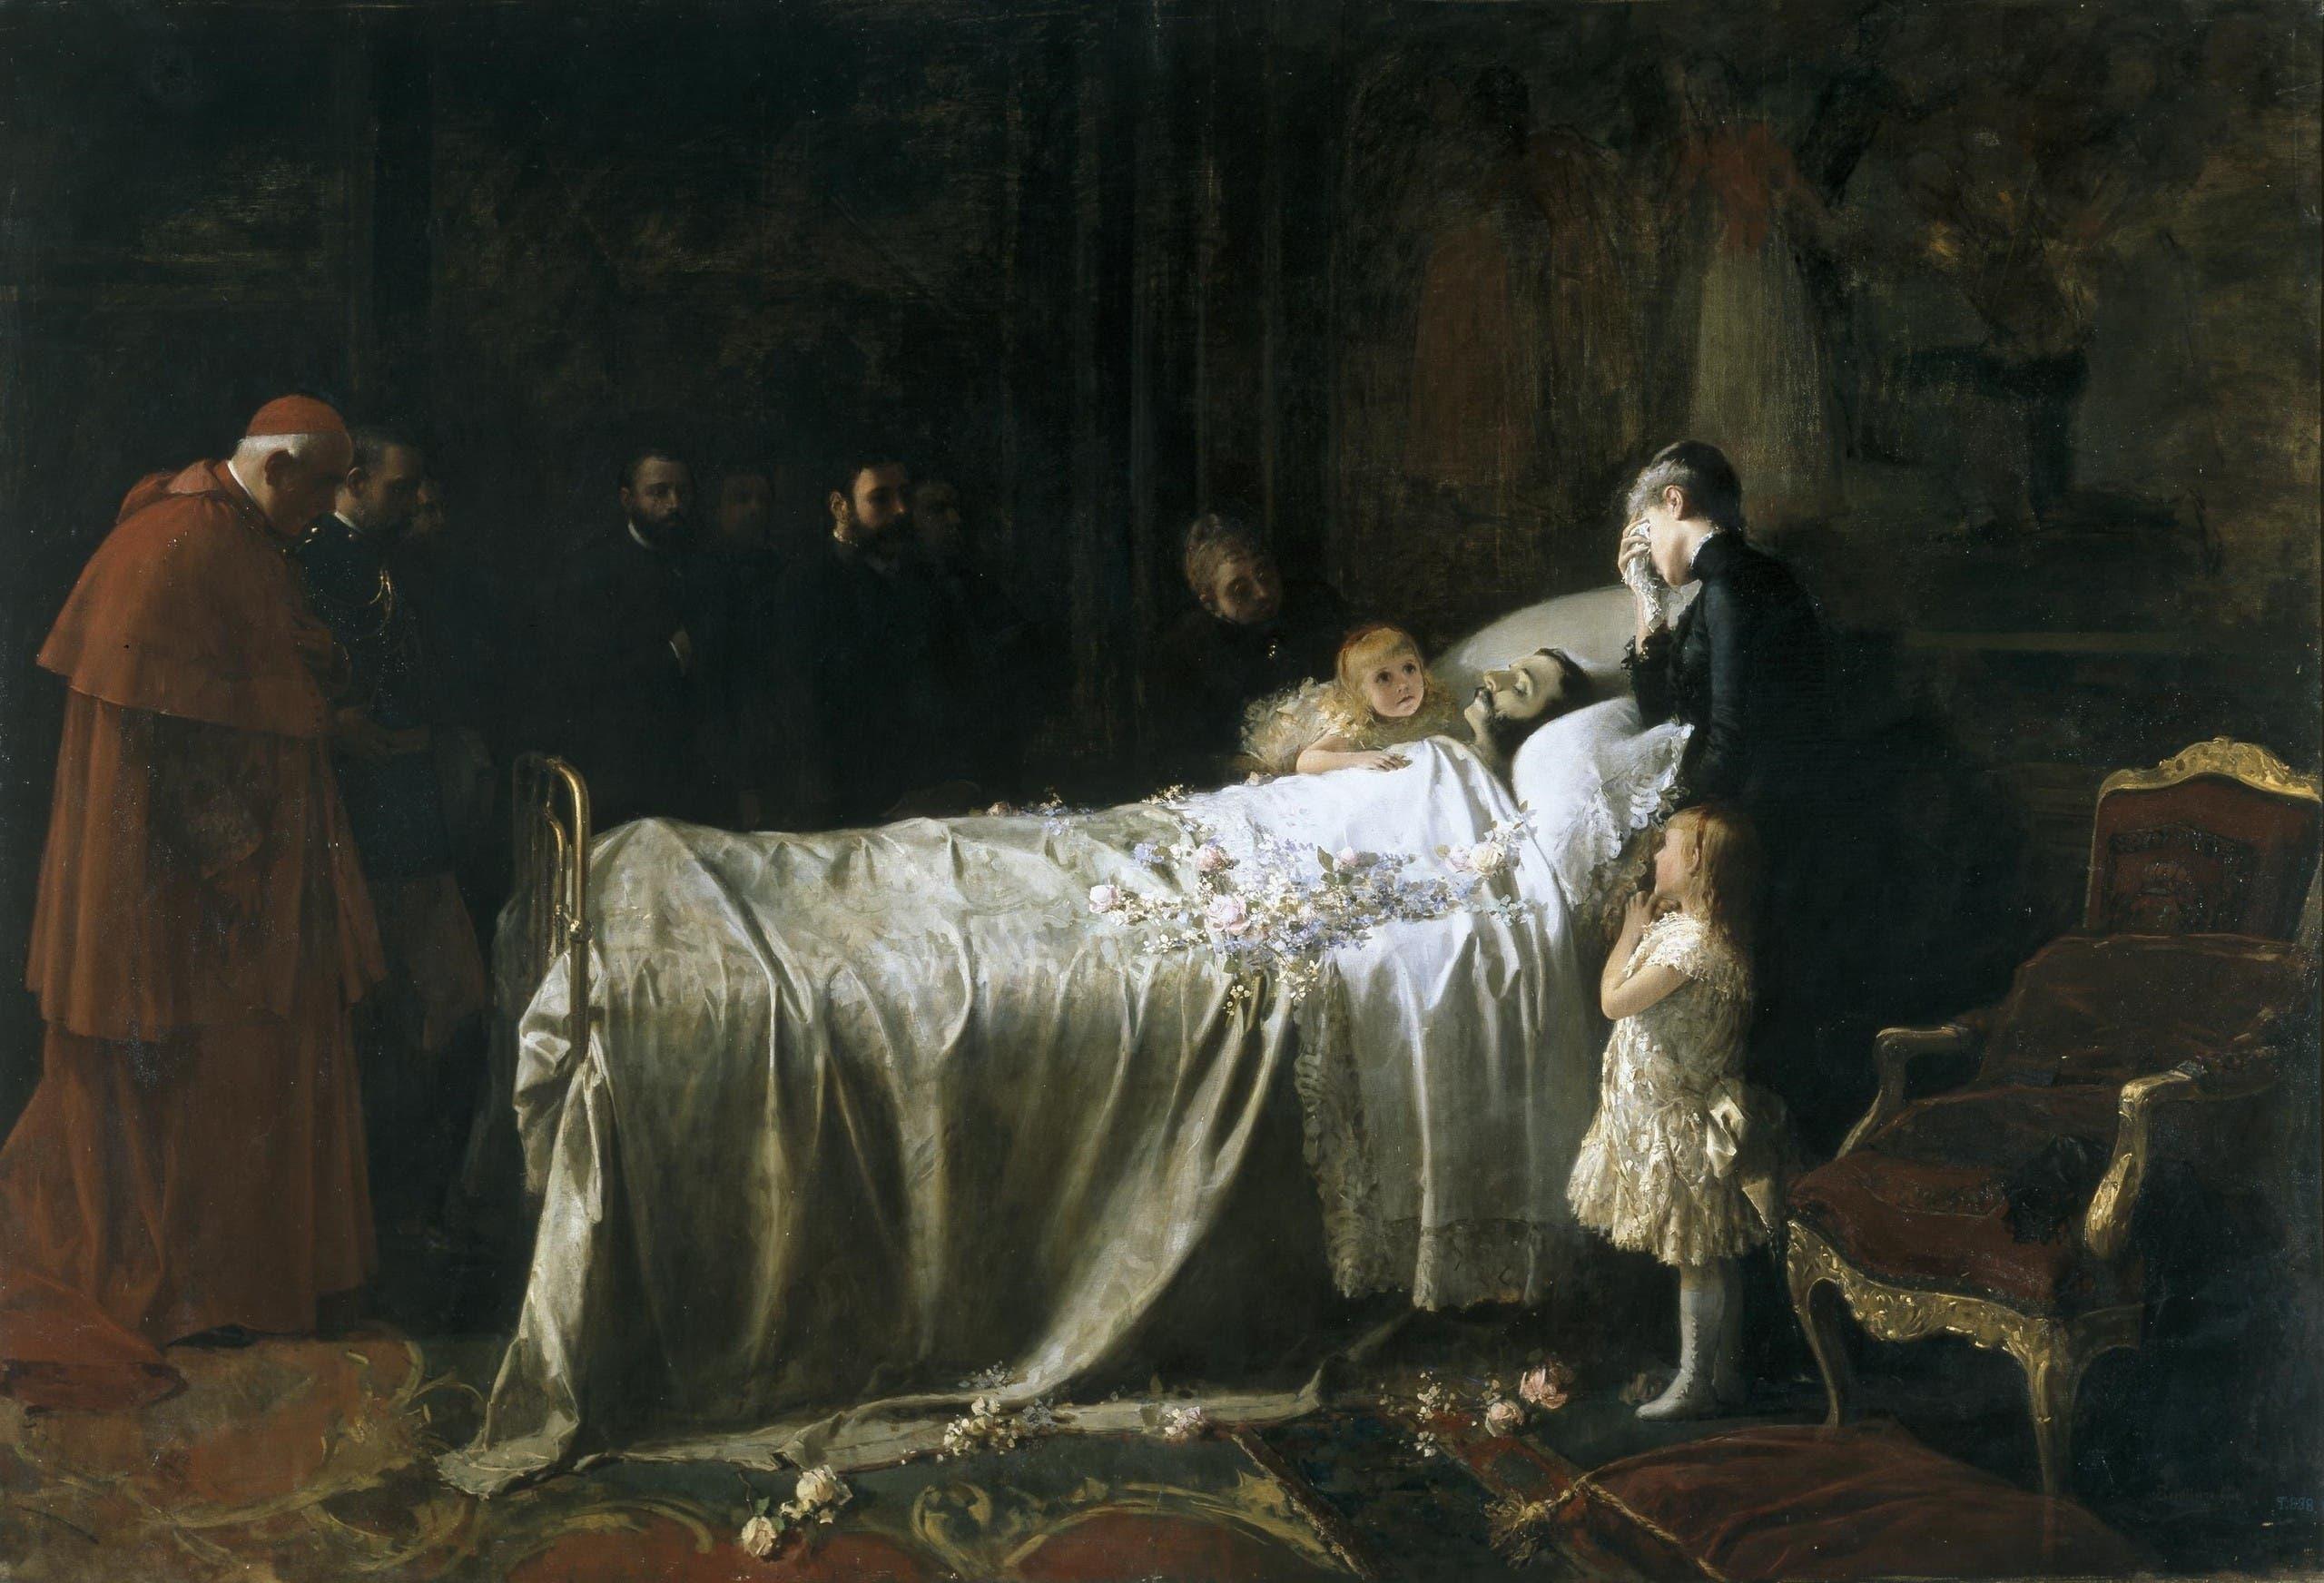 لوحة تجسد الملك ألفونسو الثاني عشر على فراش الموت